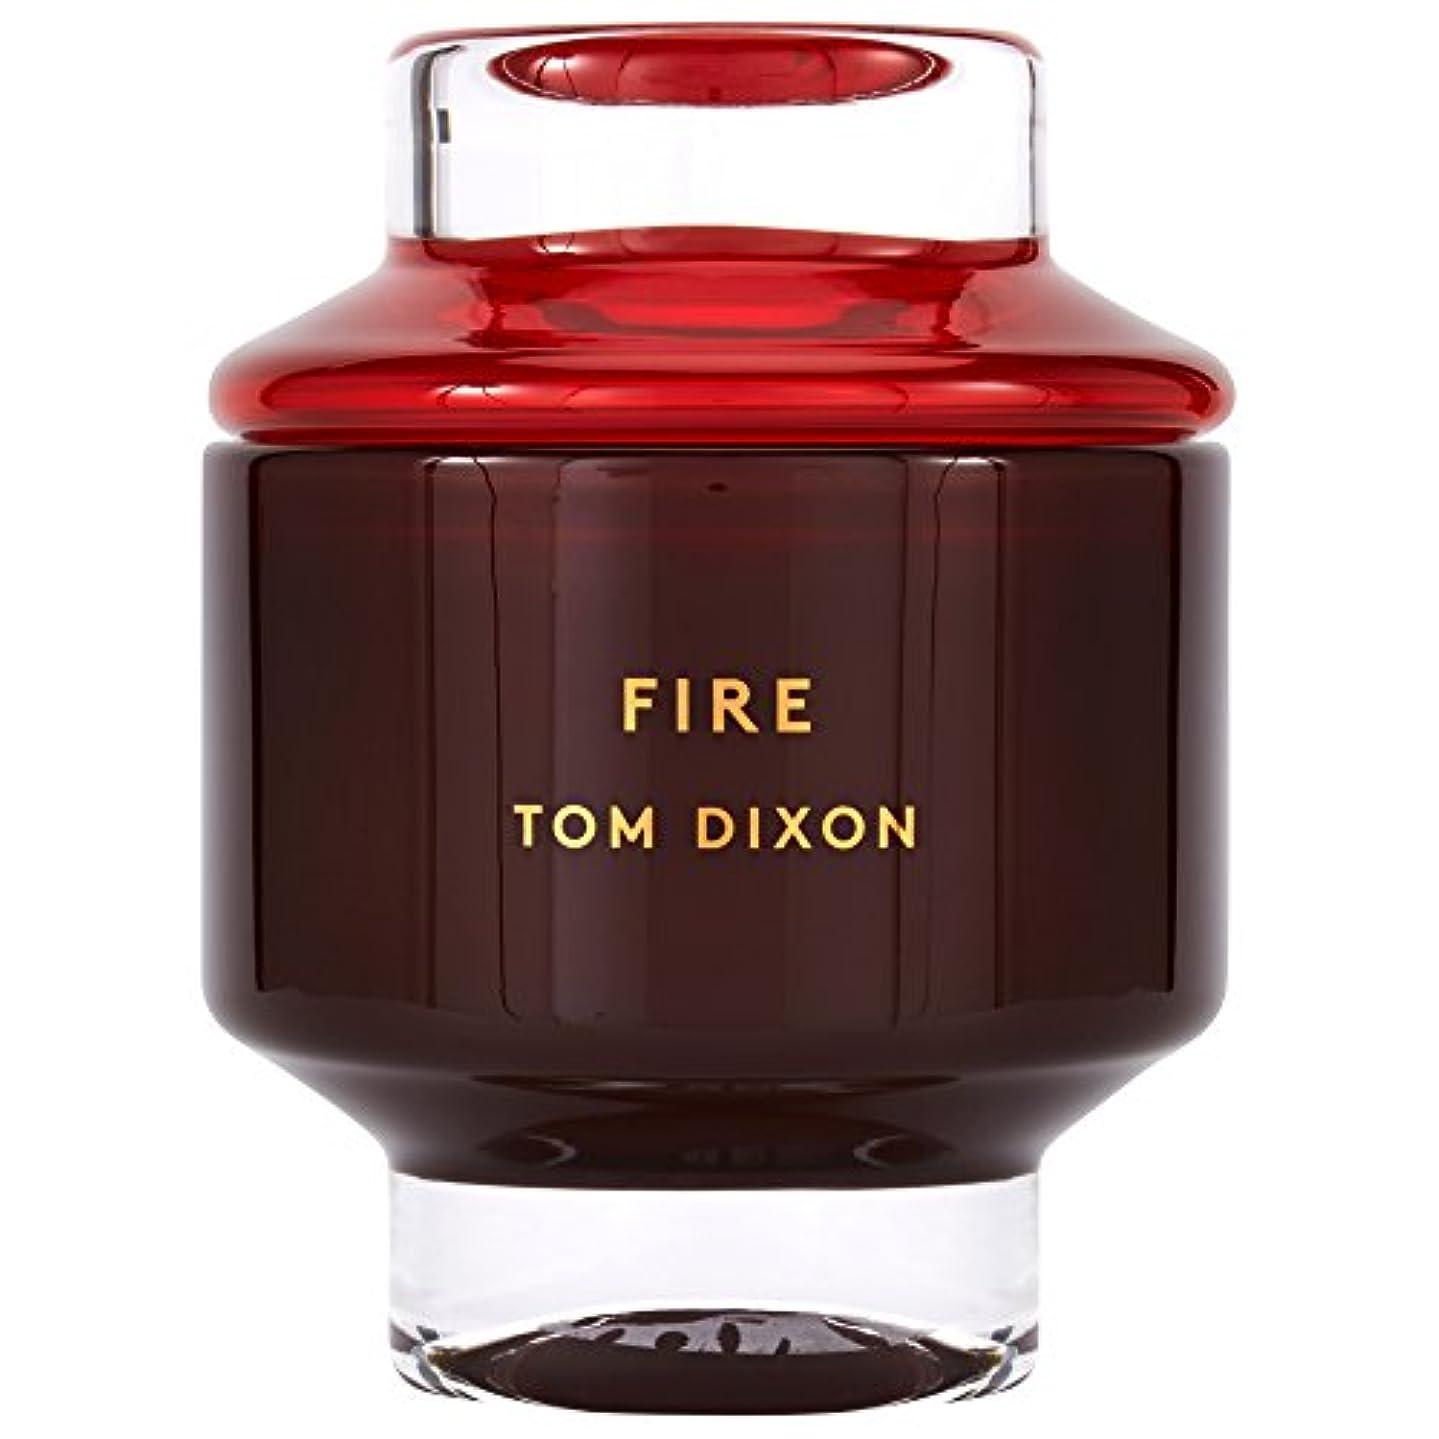 オズワルド容器伝導トム?ディクソン火災大型香りのキャンドル x6 - Tom Dixon Fire Scented Candle Large (Pack of 6) [並行輸入品]